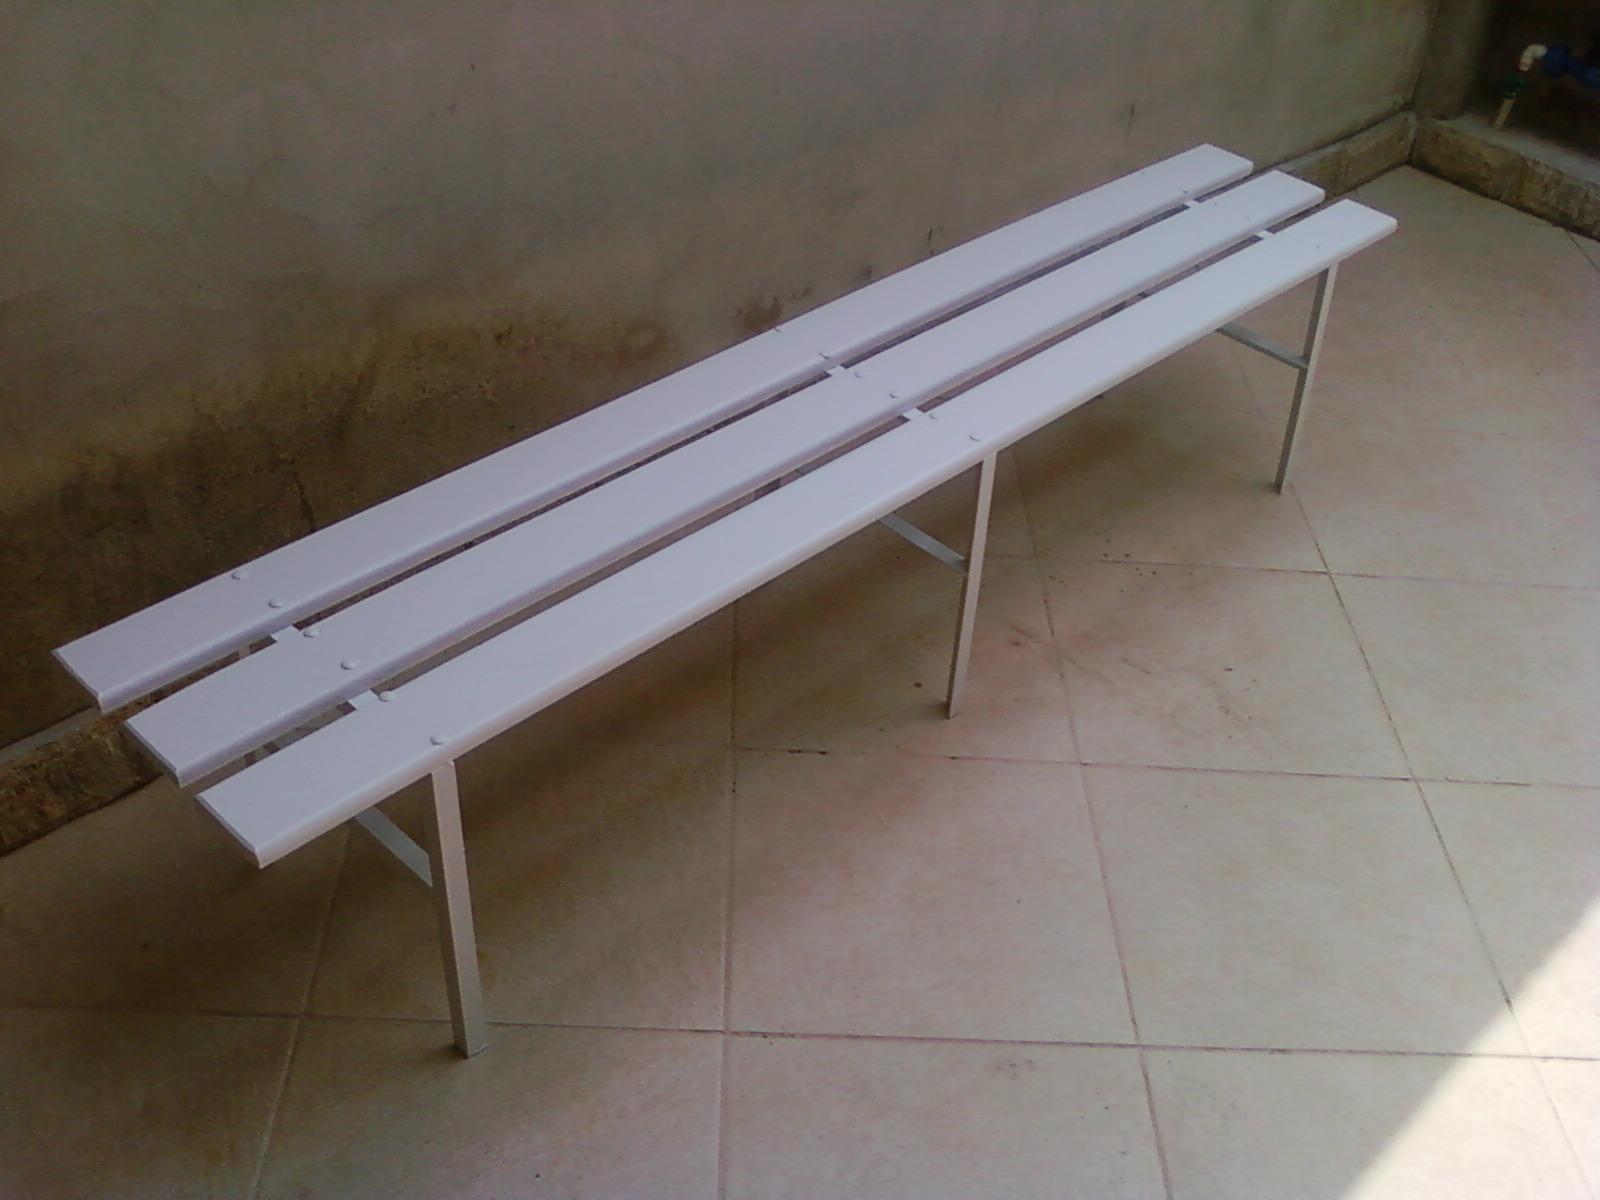 : Banco para Vestiário em madeira e aço modelo PAS 200 Branco #423525 1600x1200